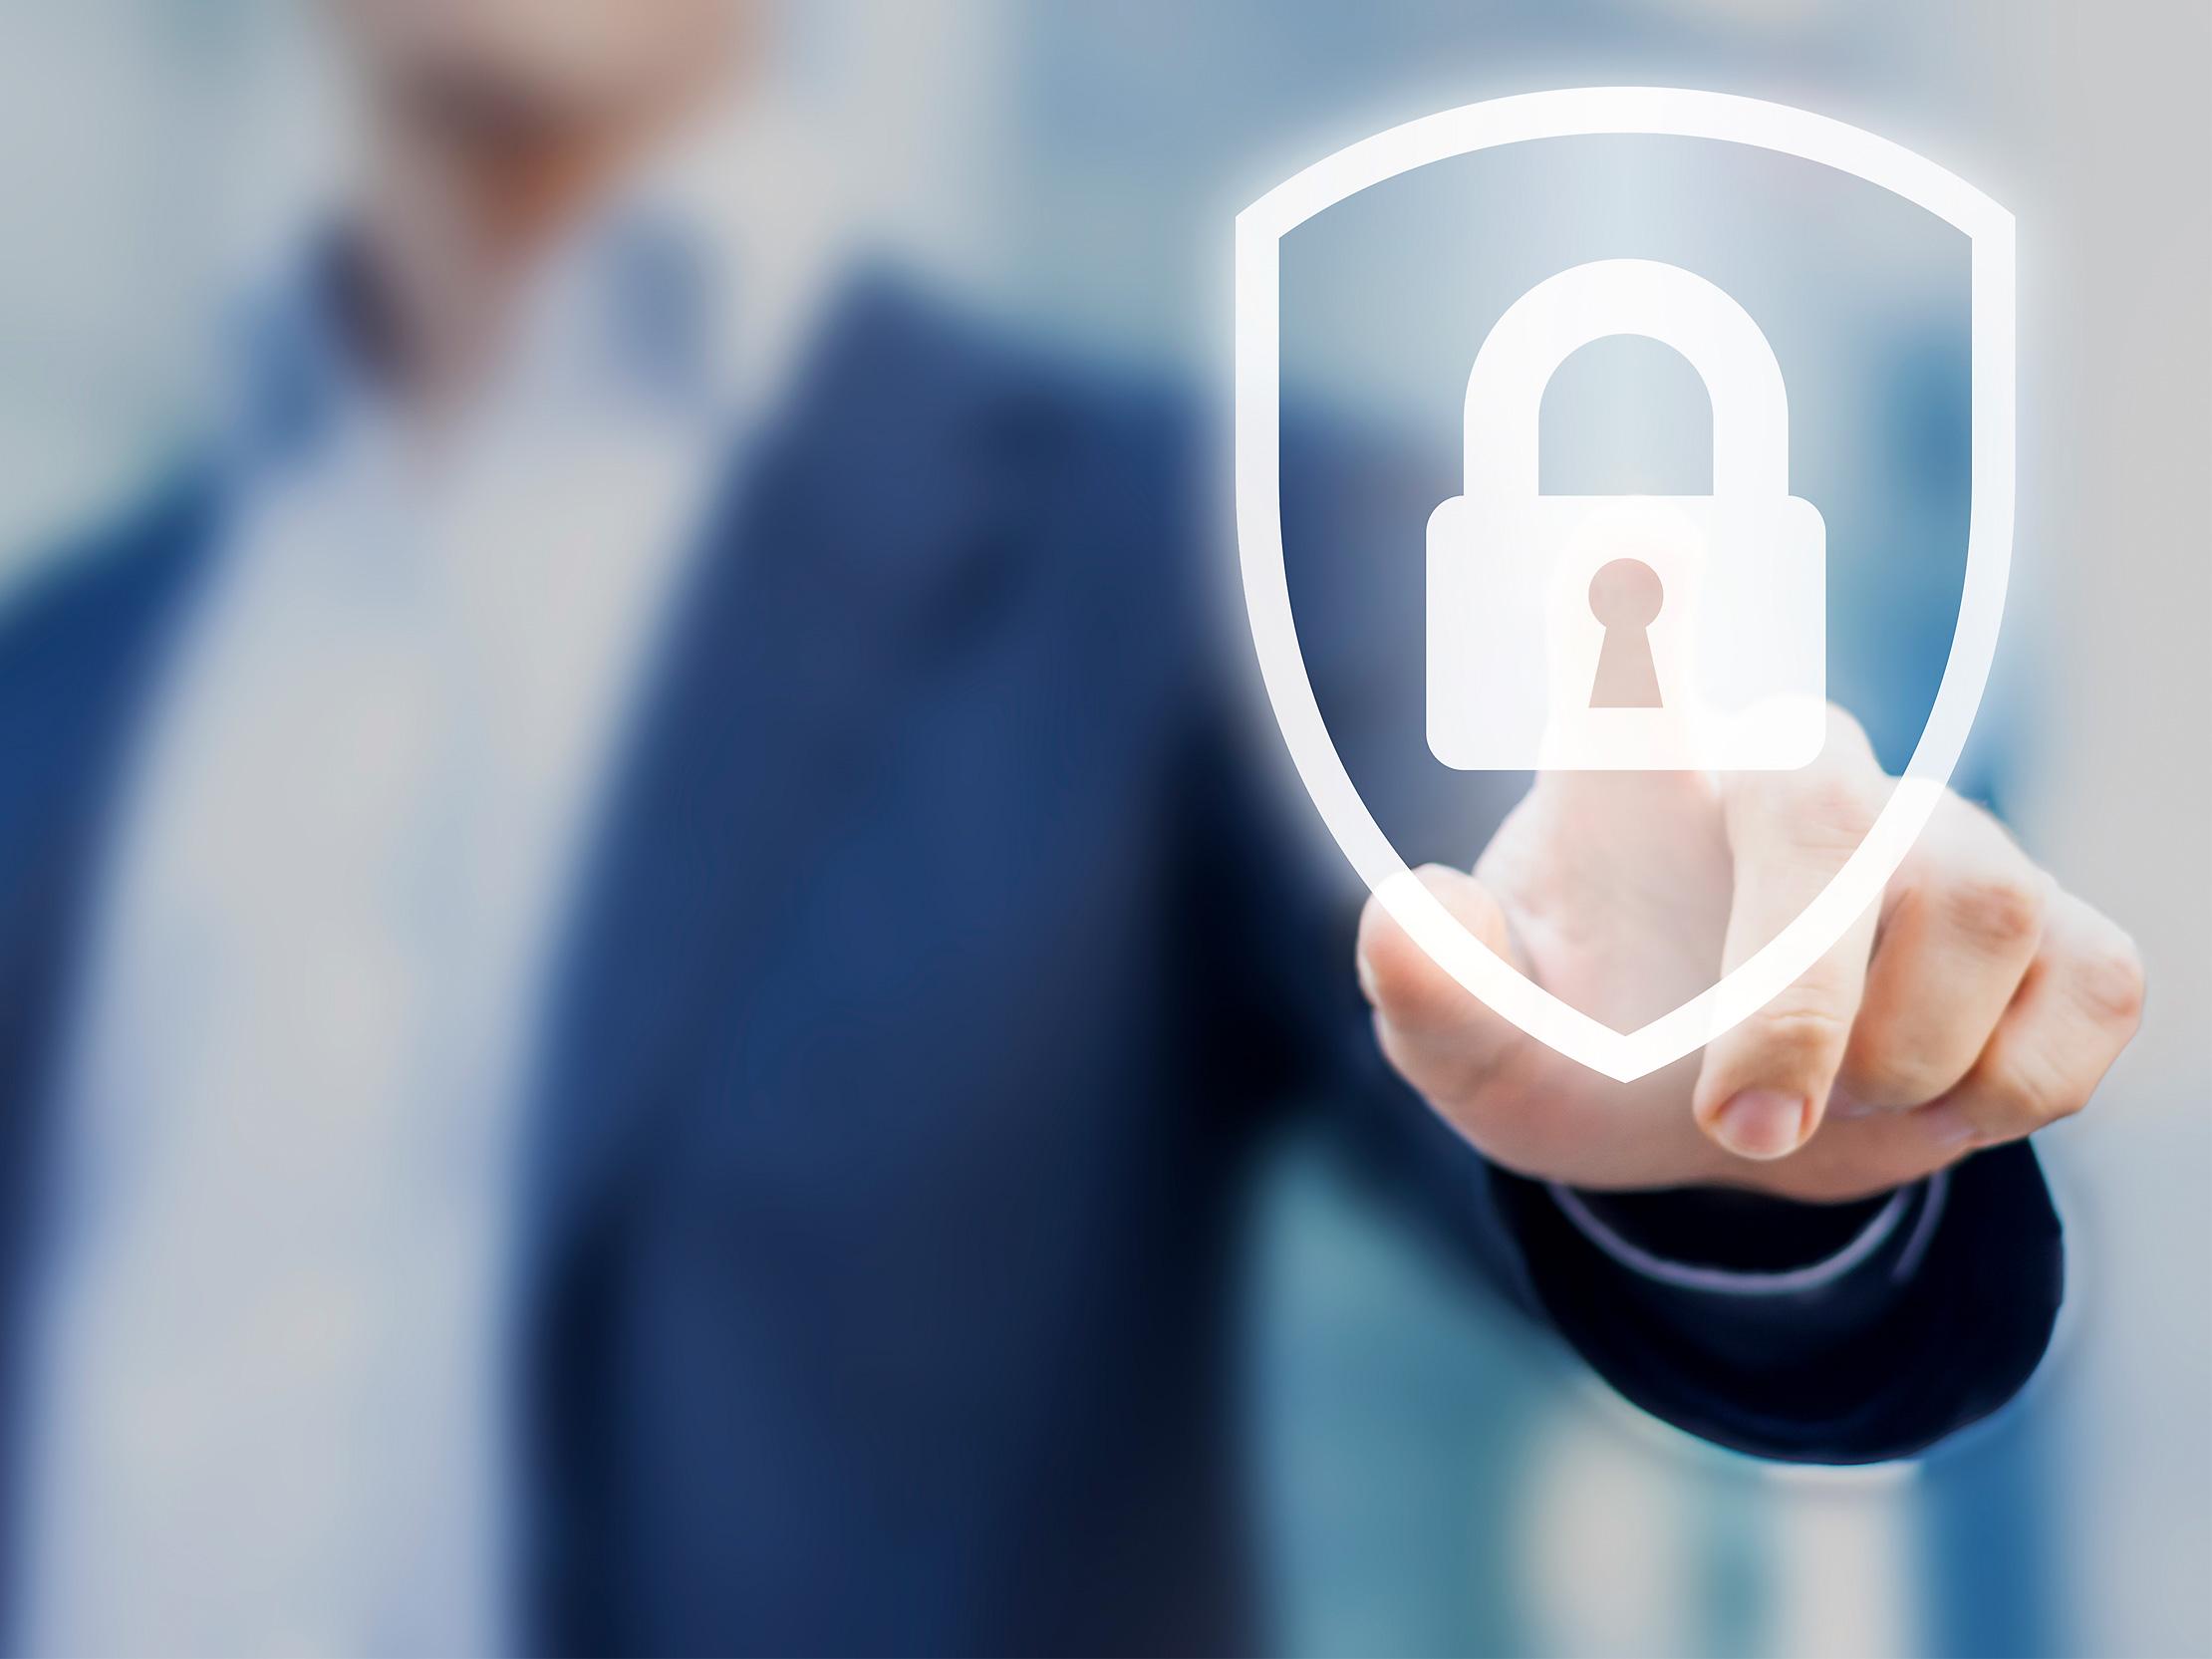 7 gode råd til IT-sikkerhed